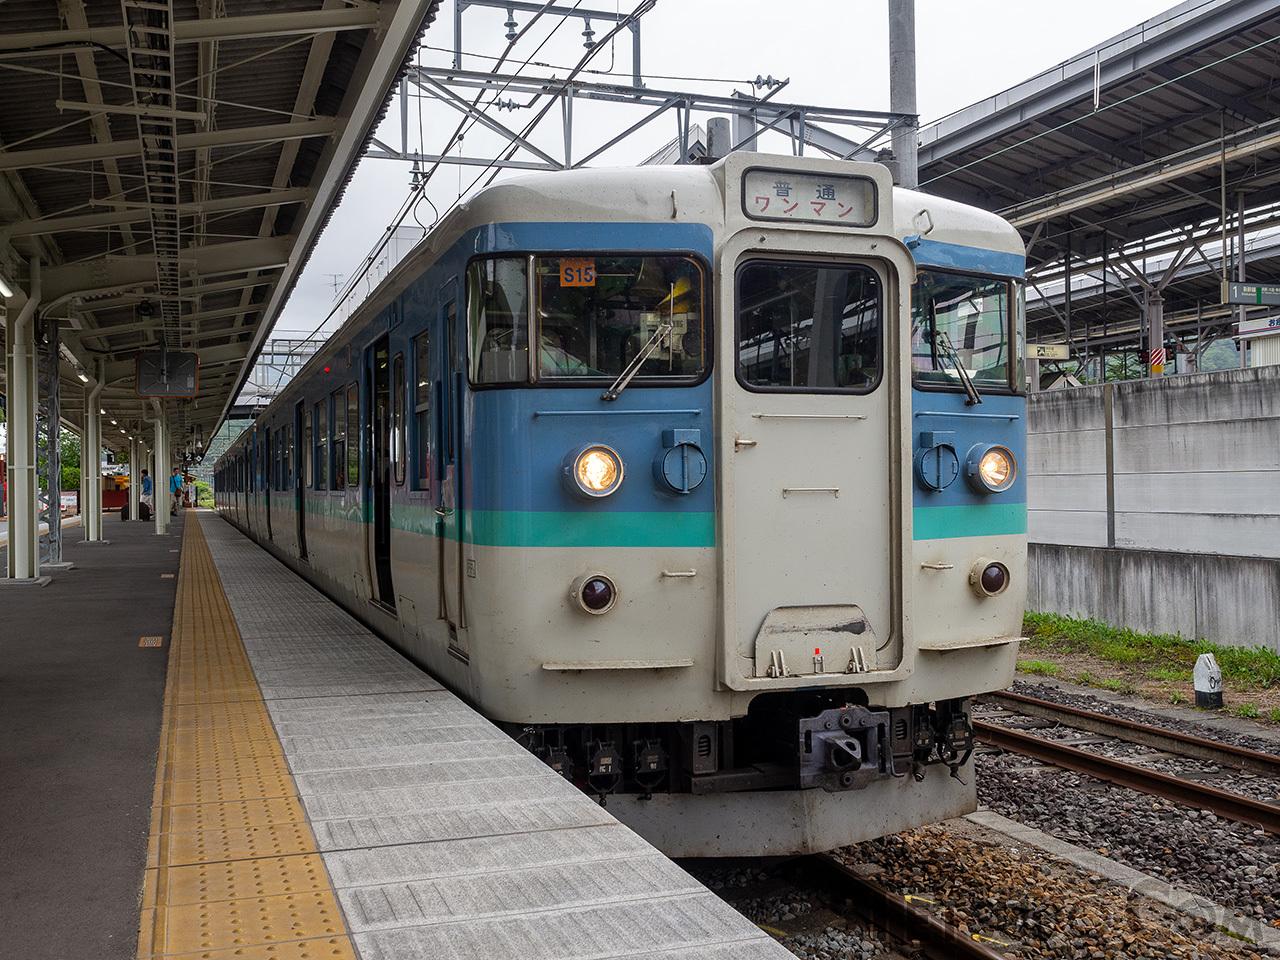 しなの鉄道軽井沢駅。右側に、軽井沢起点0.1kmの距離標が見えます。これは、1997年のしなの鉄道発足に際して設置されたものです